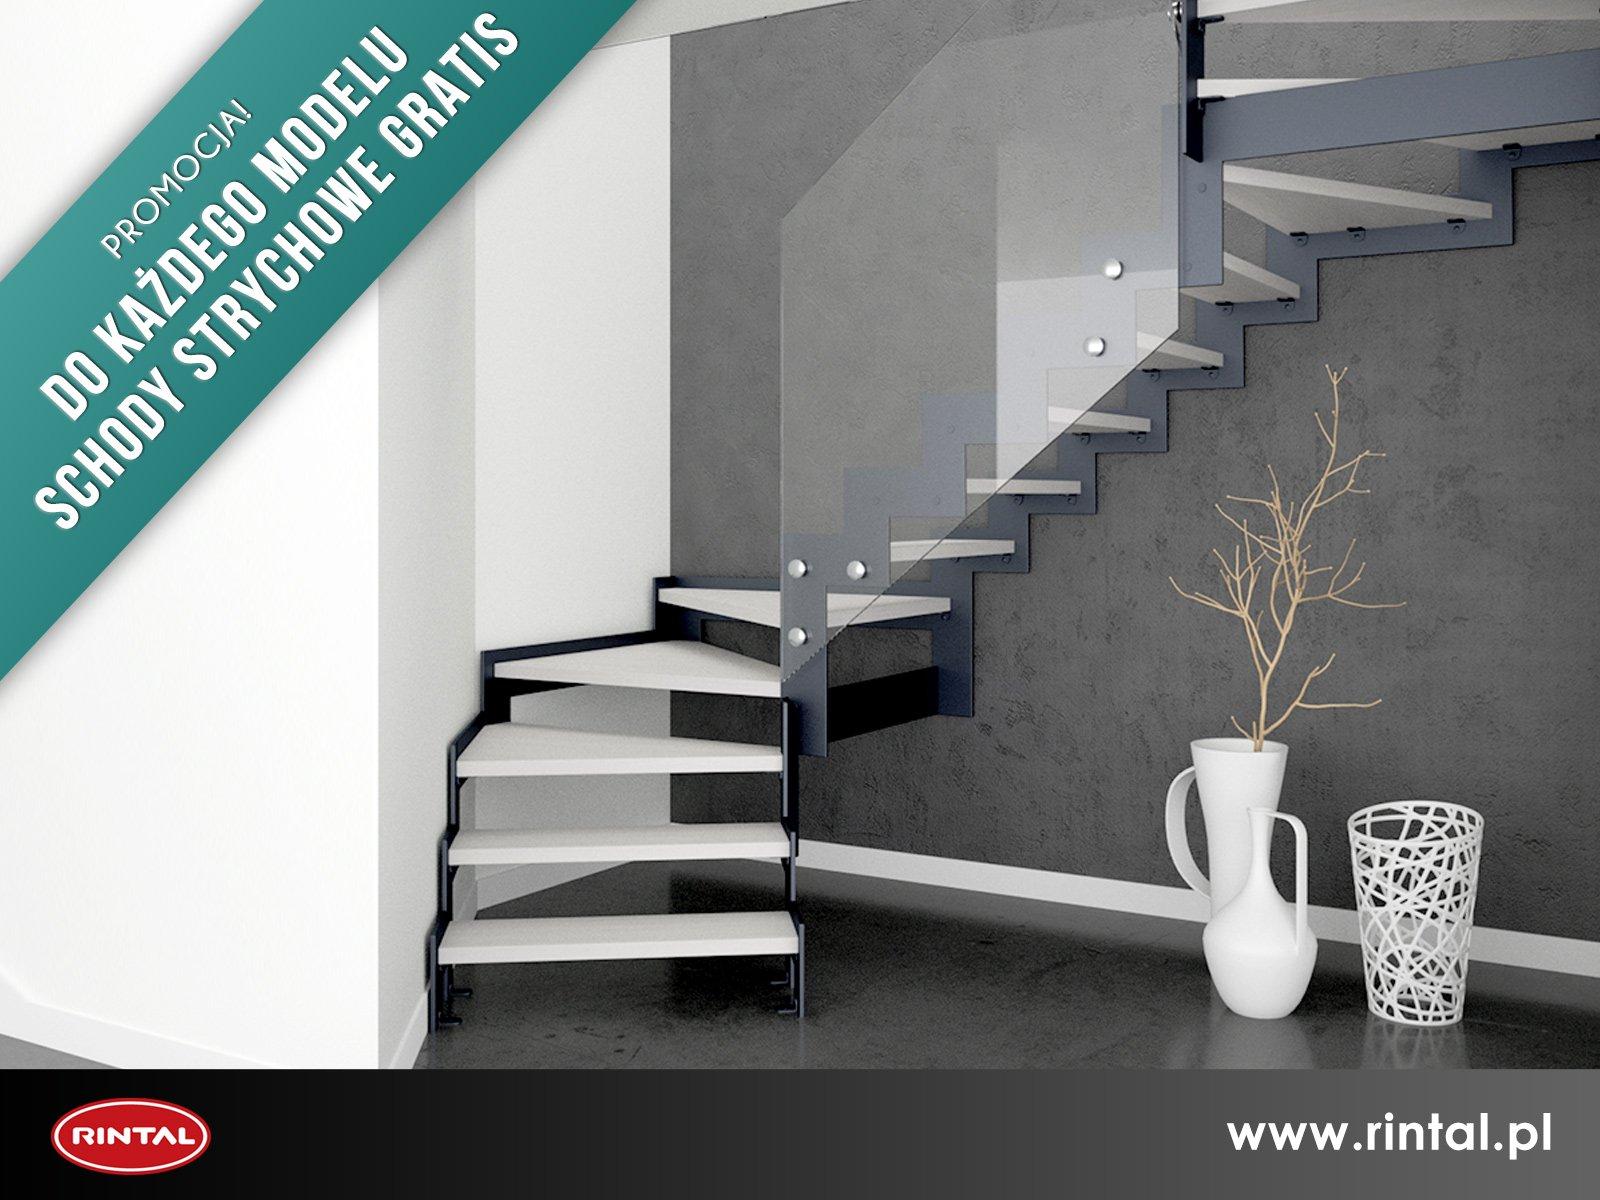 Ostatnie Dni Promocji - do każdego modelu schodów RINTAL schody strychowe gratis!